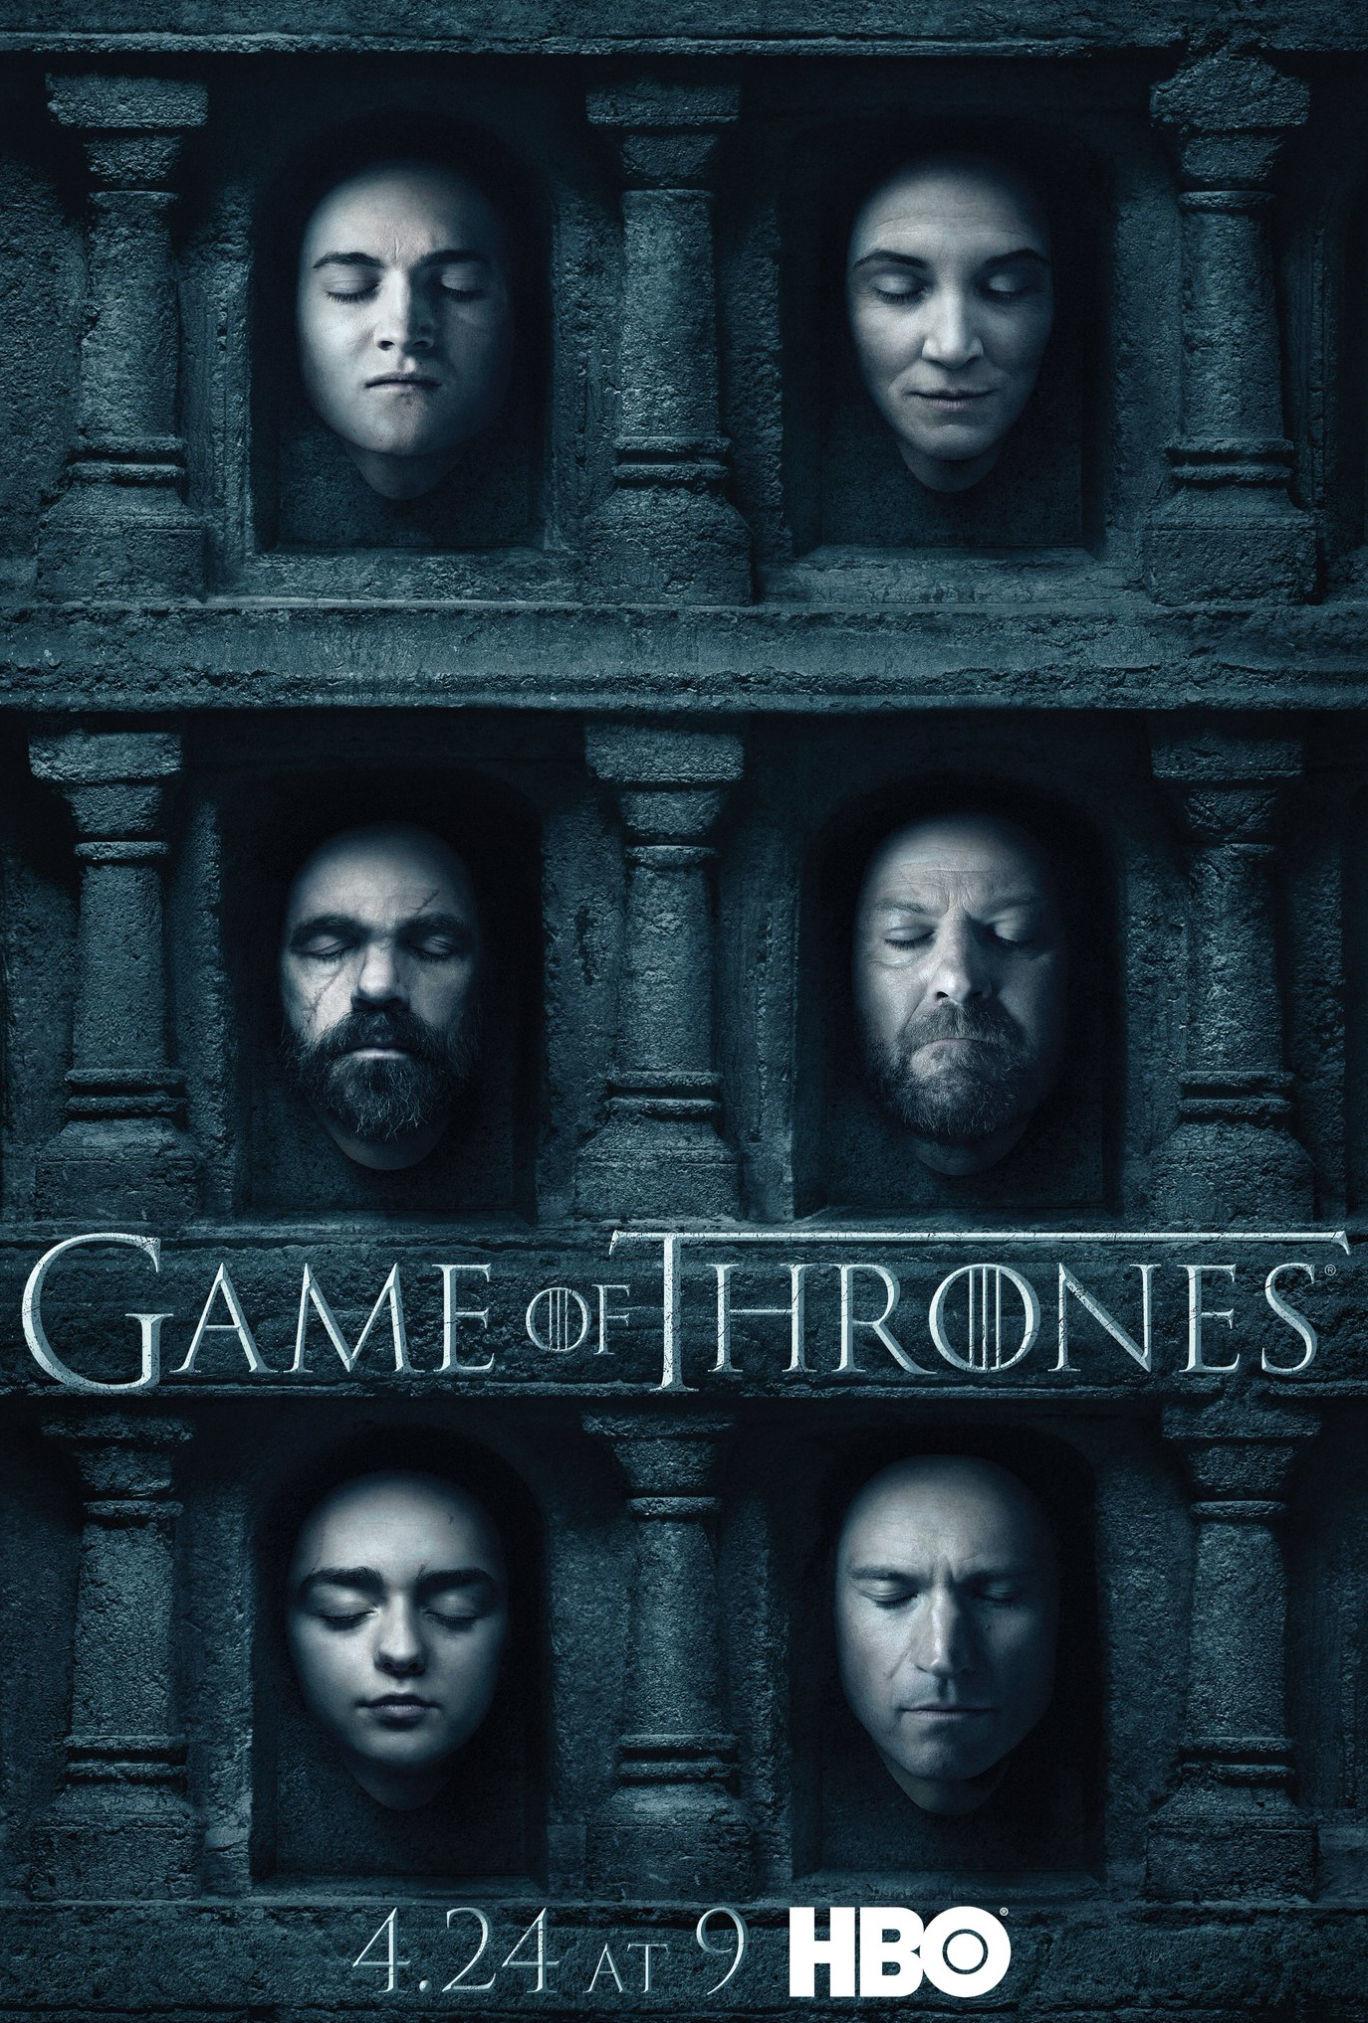 Taht Oyunları - Game of Thrones 2011 Sezon 6 Tüm Bölümler HDTV 720p x264 AC3 DUAL (TR-EN)